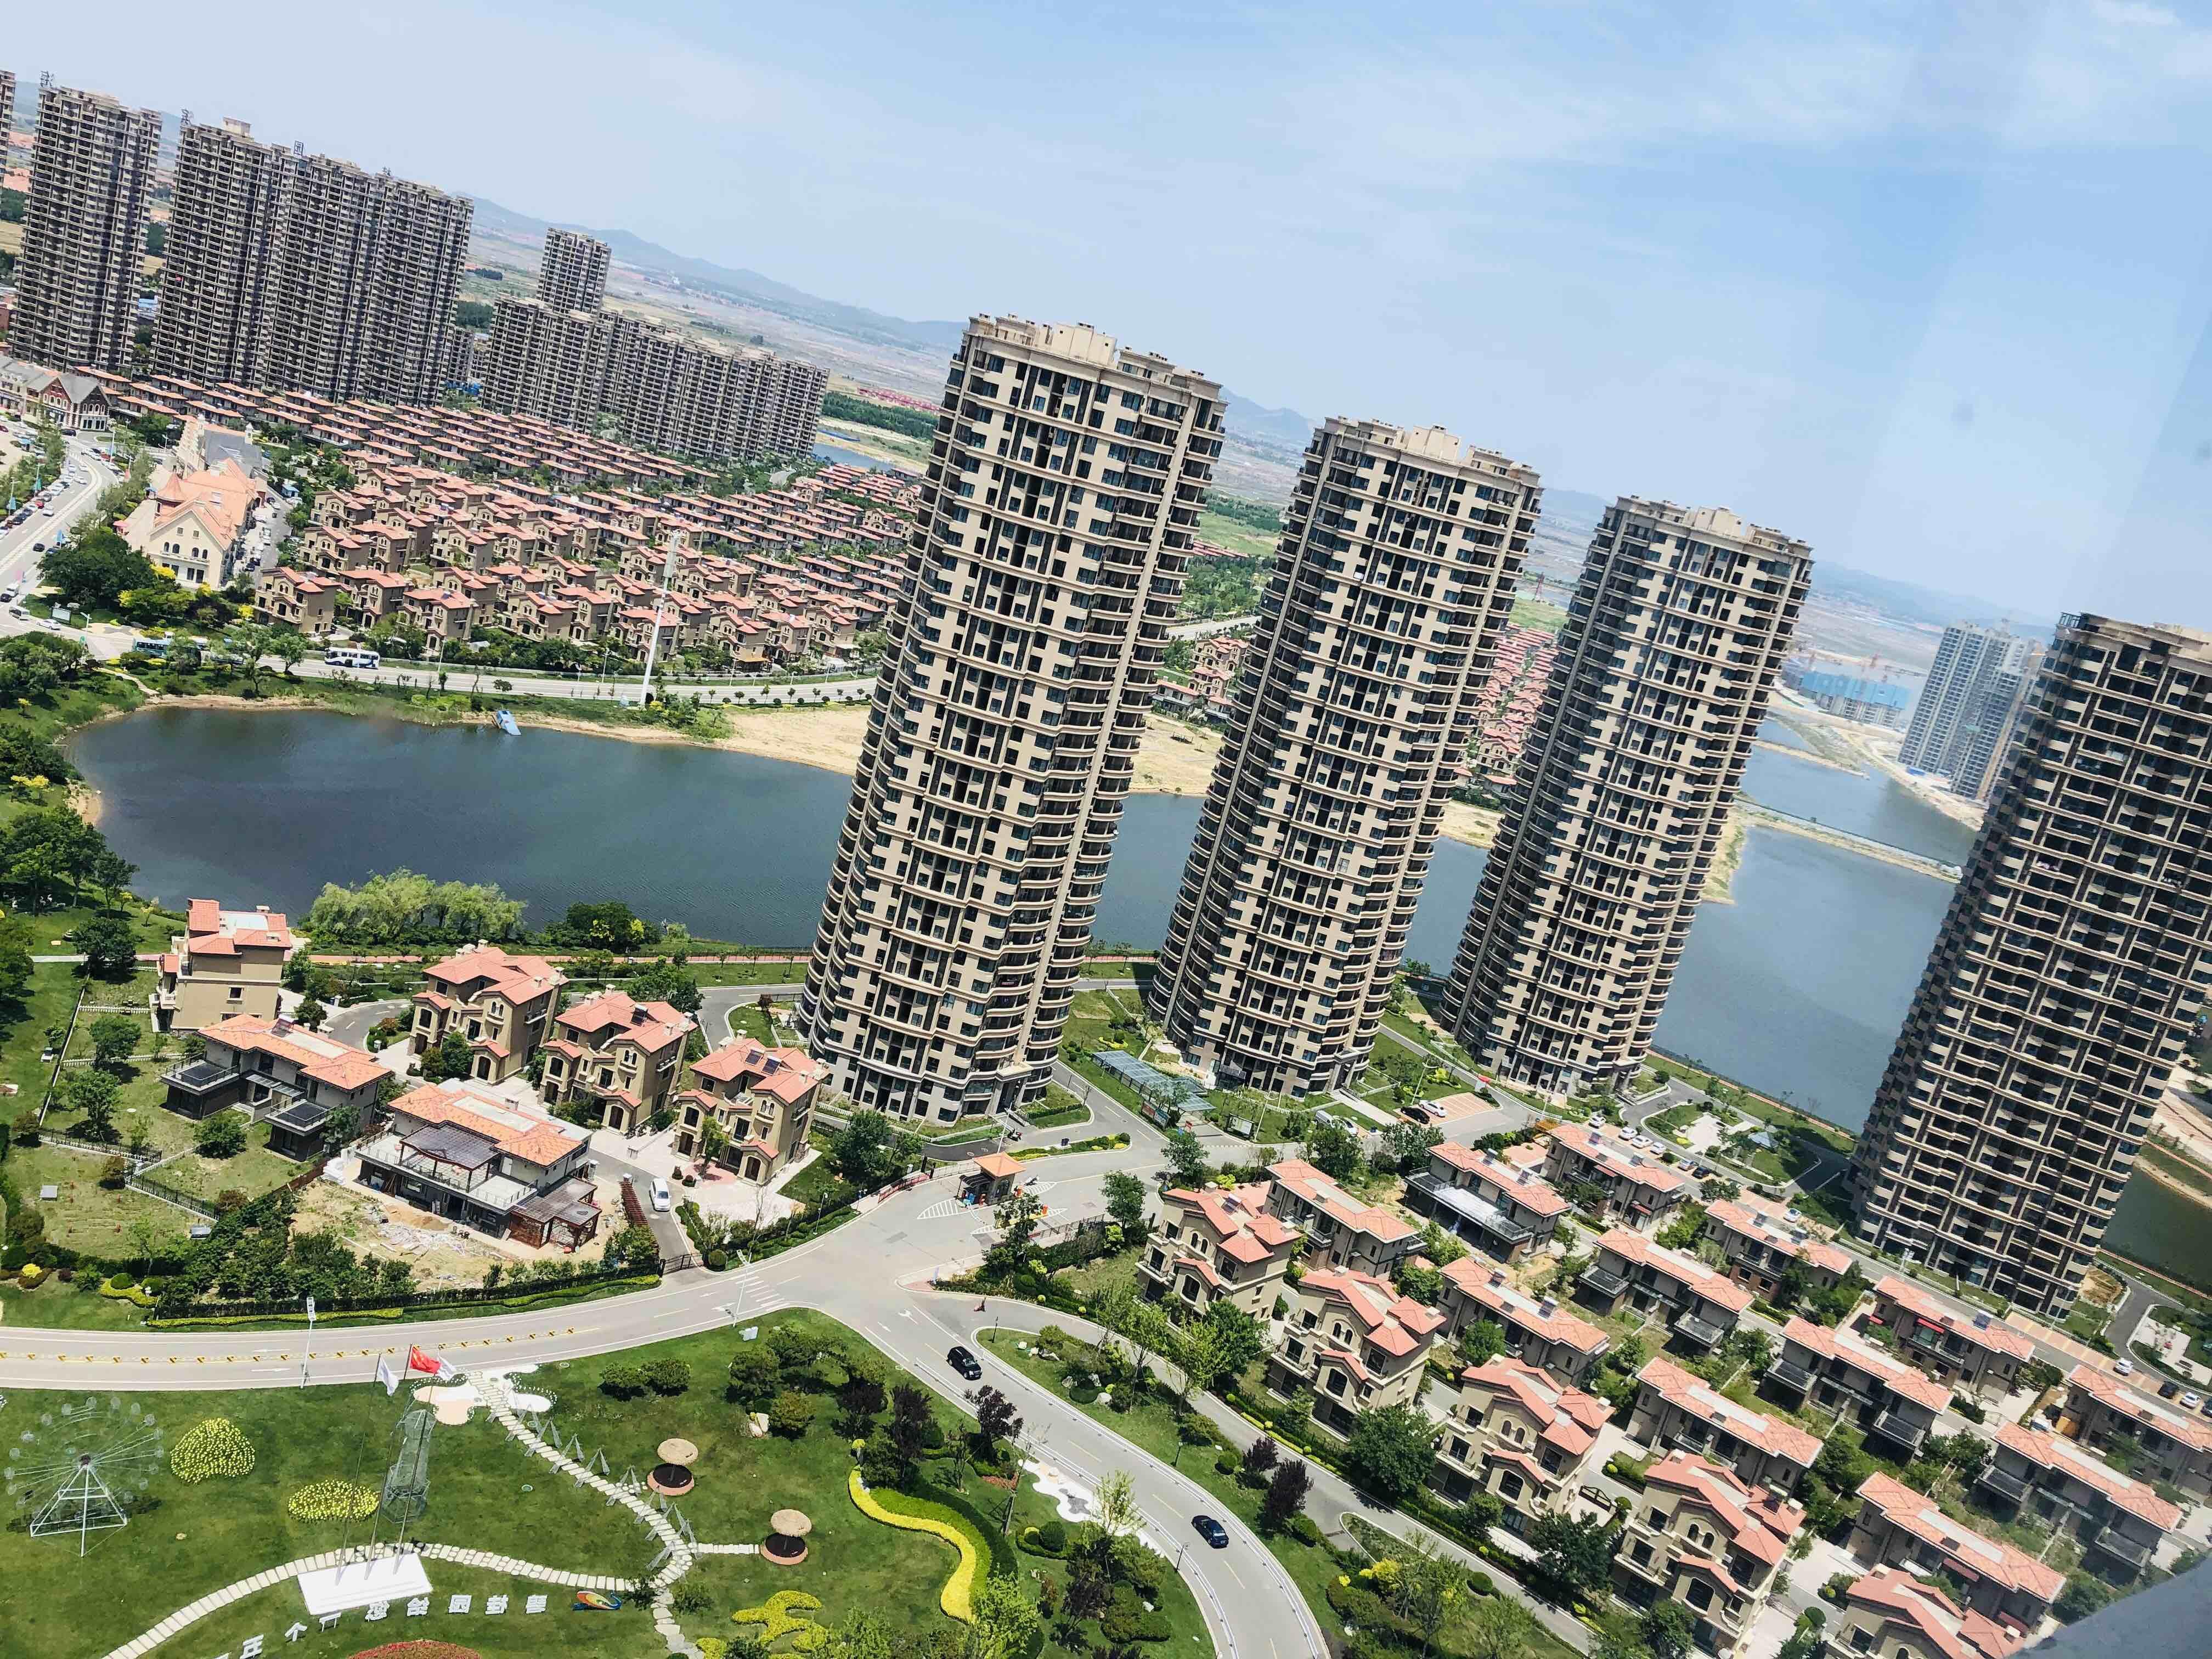 绿地新里城视频封面图